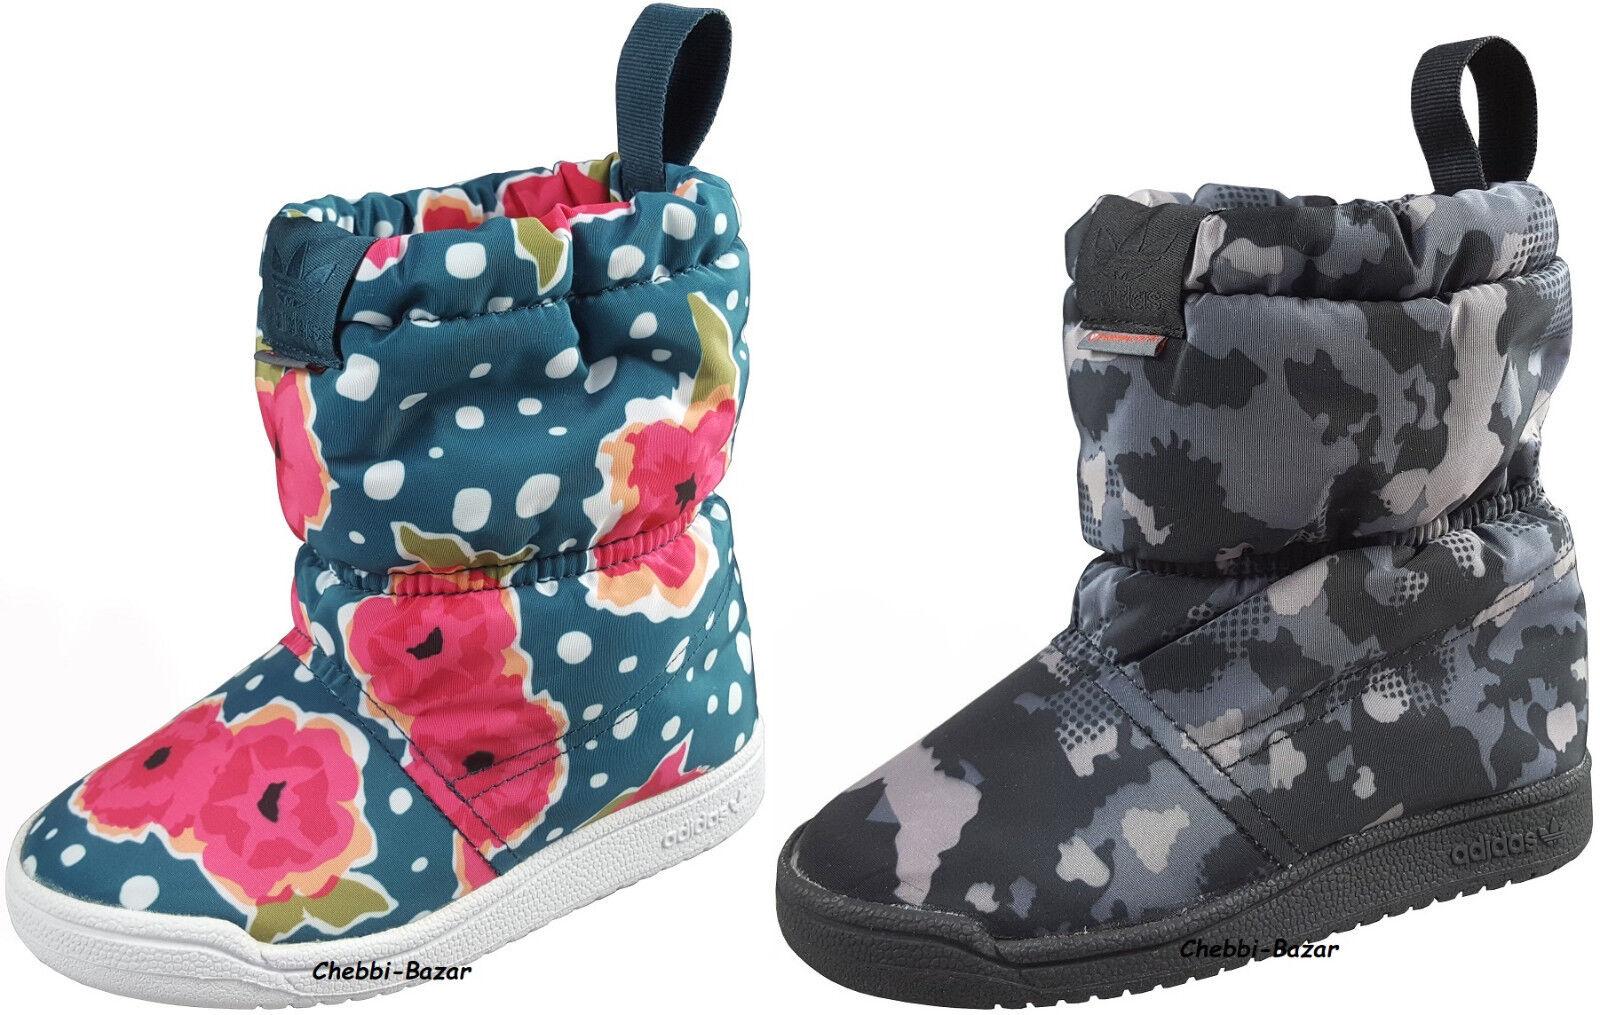 Adidas SLIP ON BOOT Kinder Jungen Mädchen Schuhe Schneestiefel Winterstiefel NEU